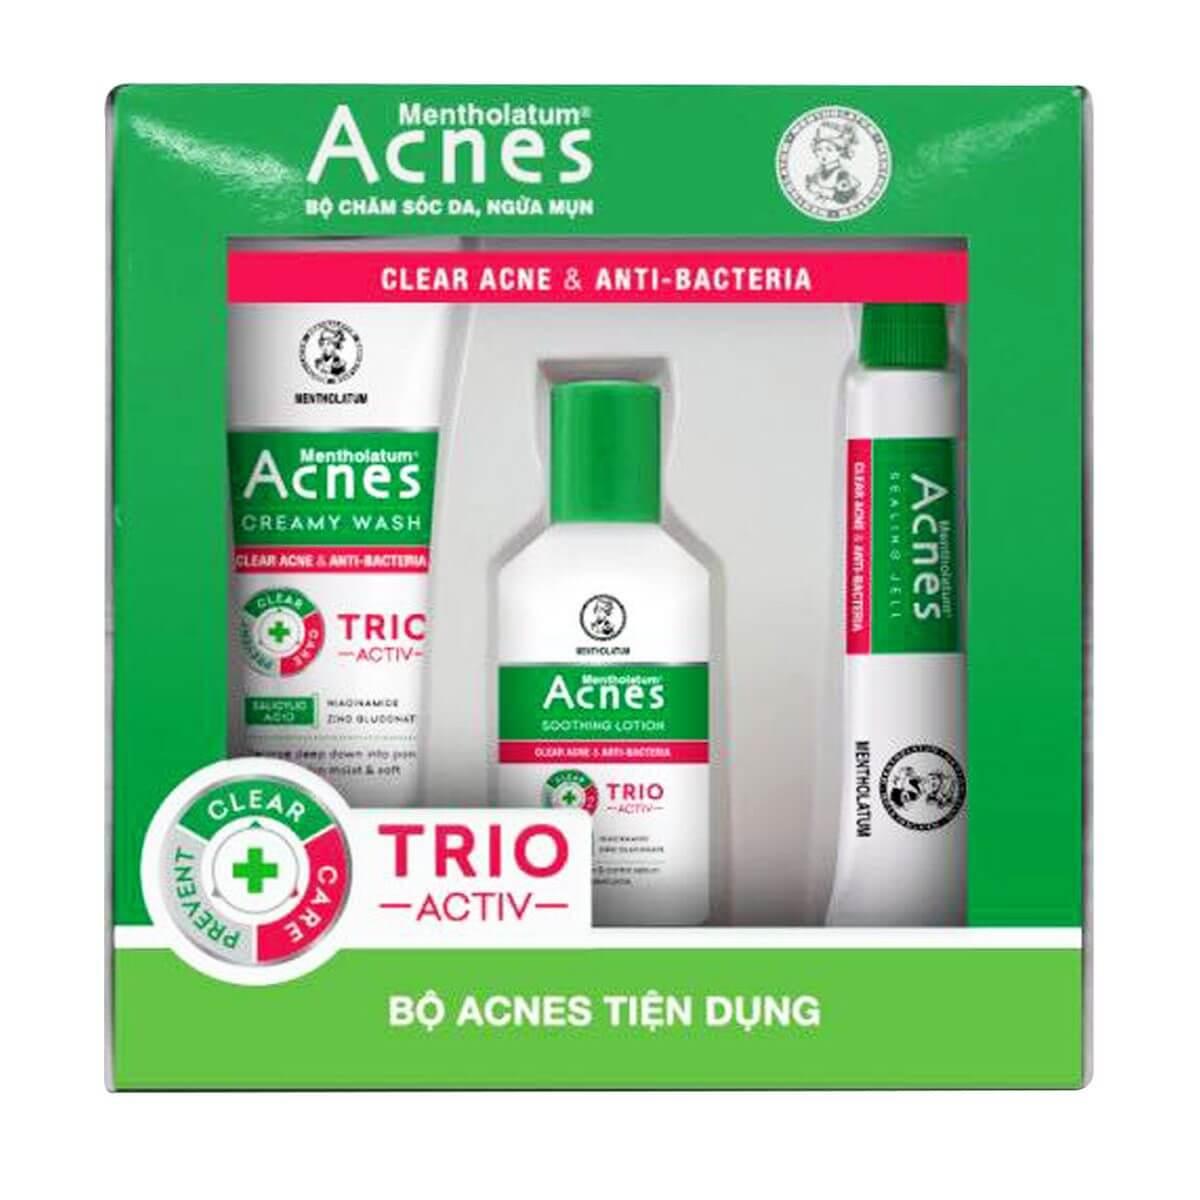 Bộ sản phẩm Acnes Tiện Dụng - Acnes Trial Set